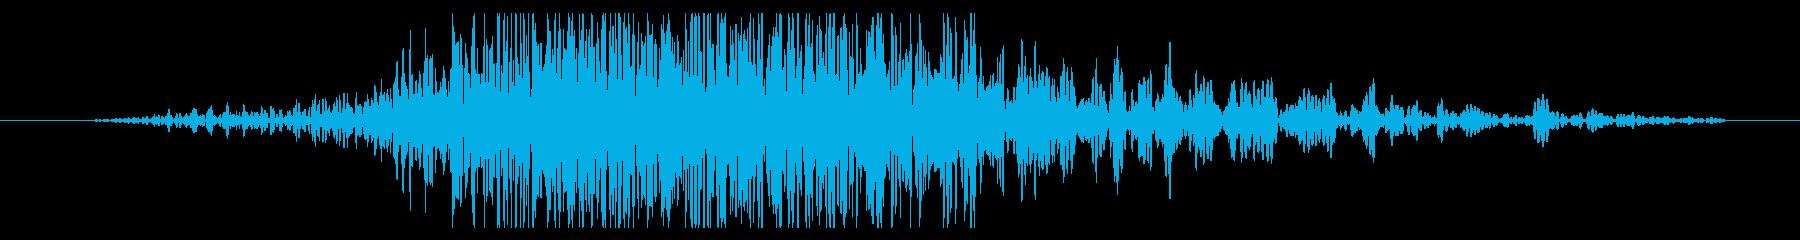 斬撃 ディープスコールヘビー03の再生済みの波形